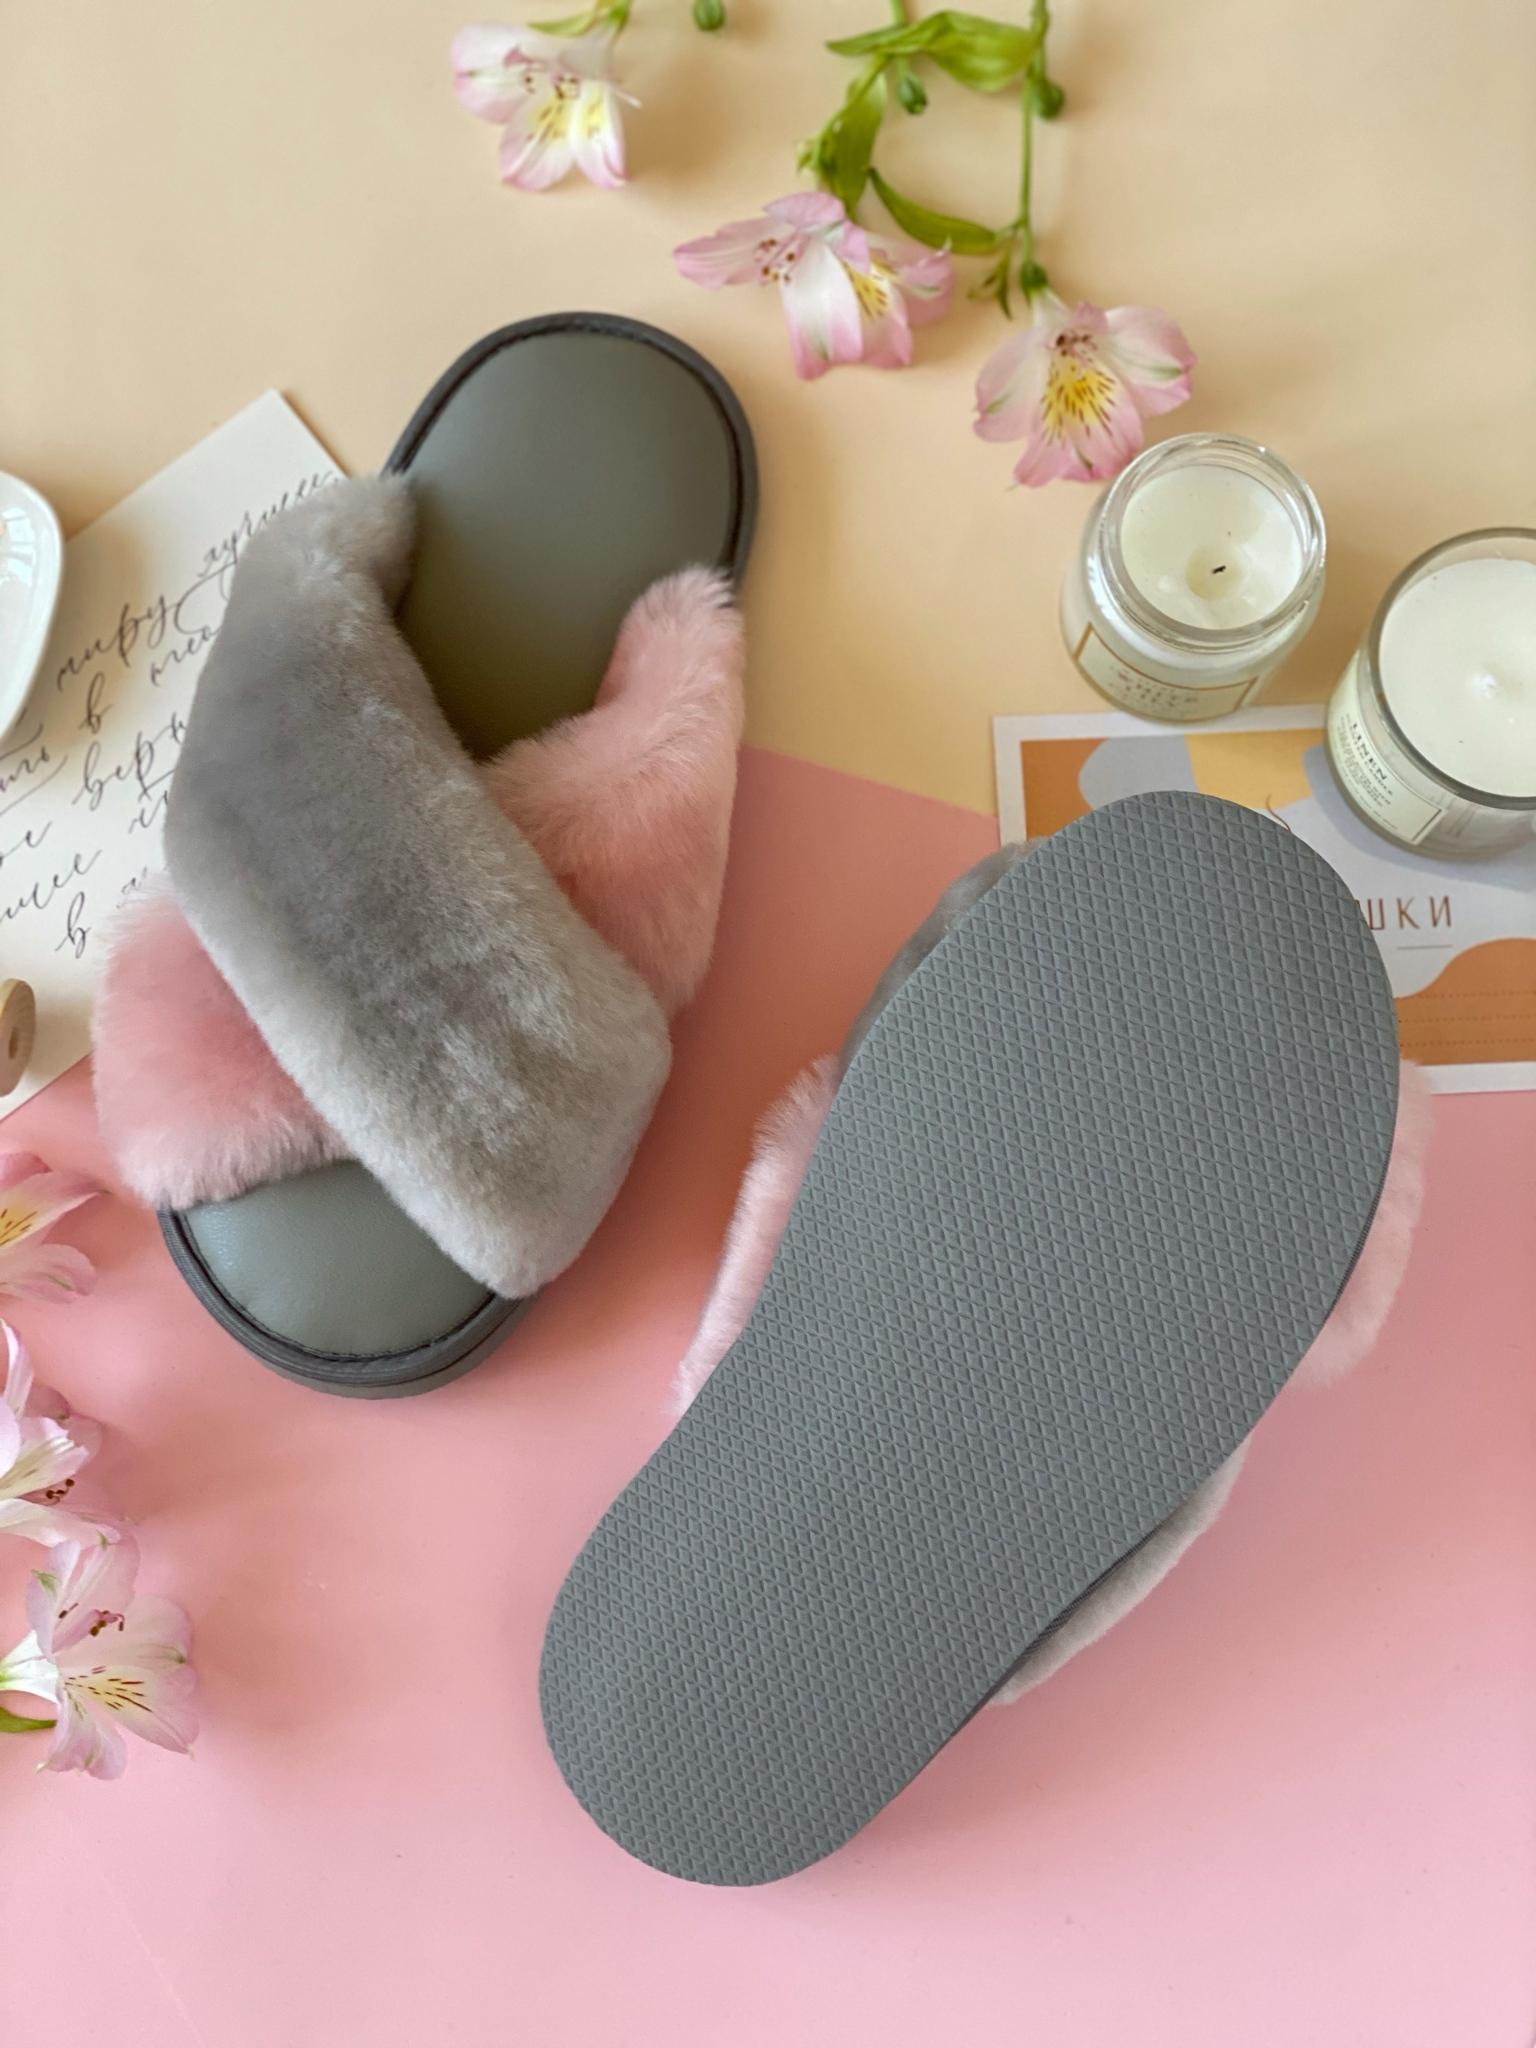 Меховые тапочки с перекрестными шлейками контрастными (дымчатый+розовый) и стелькой из экокожи серой